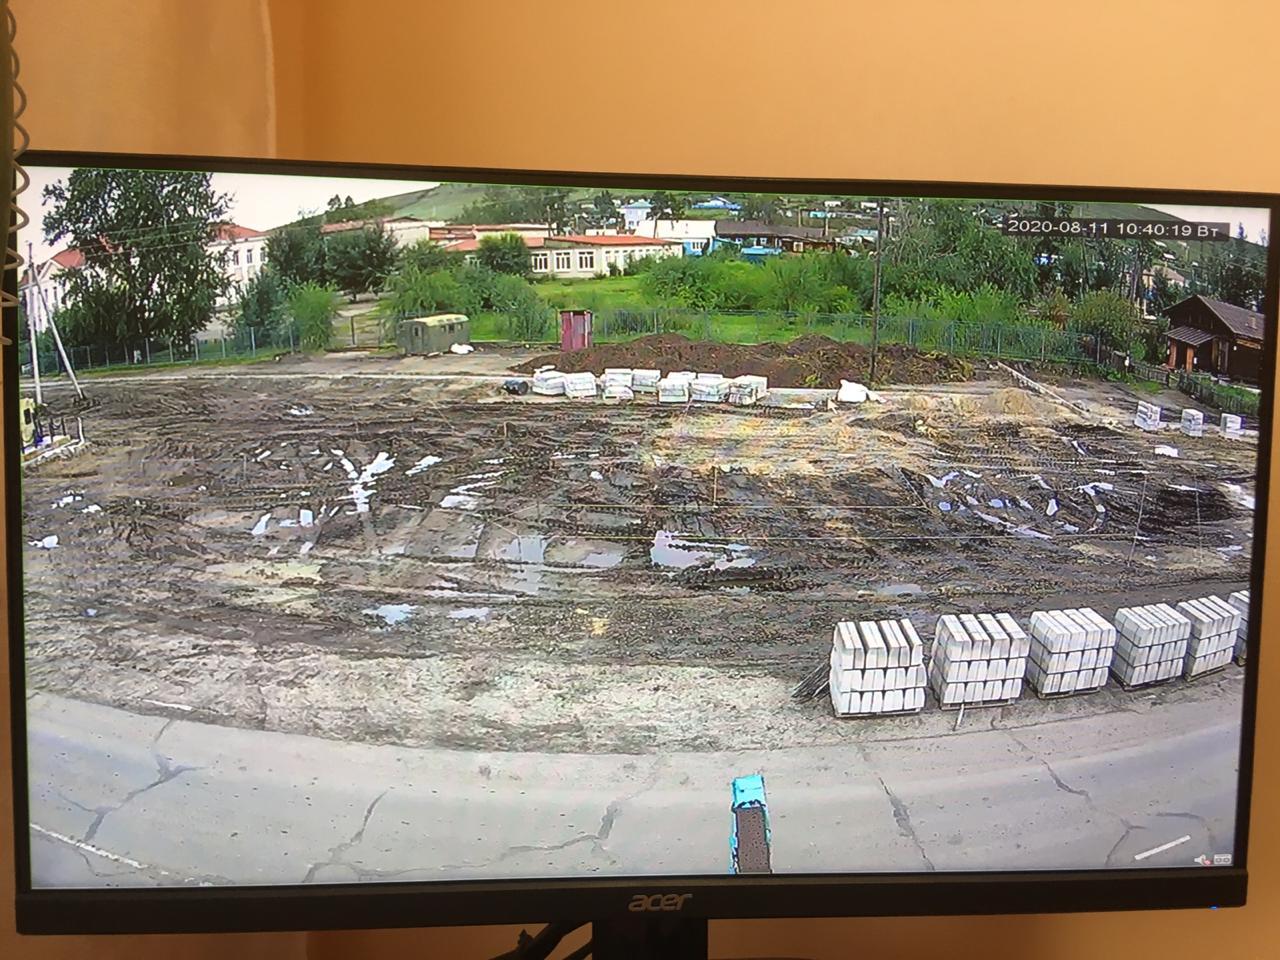 За реализацией проекта «Город Мастеров» администрация Шилки следит в онлайн режиме